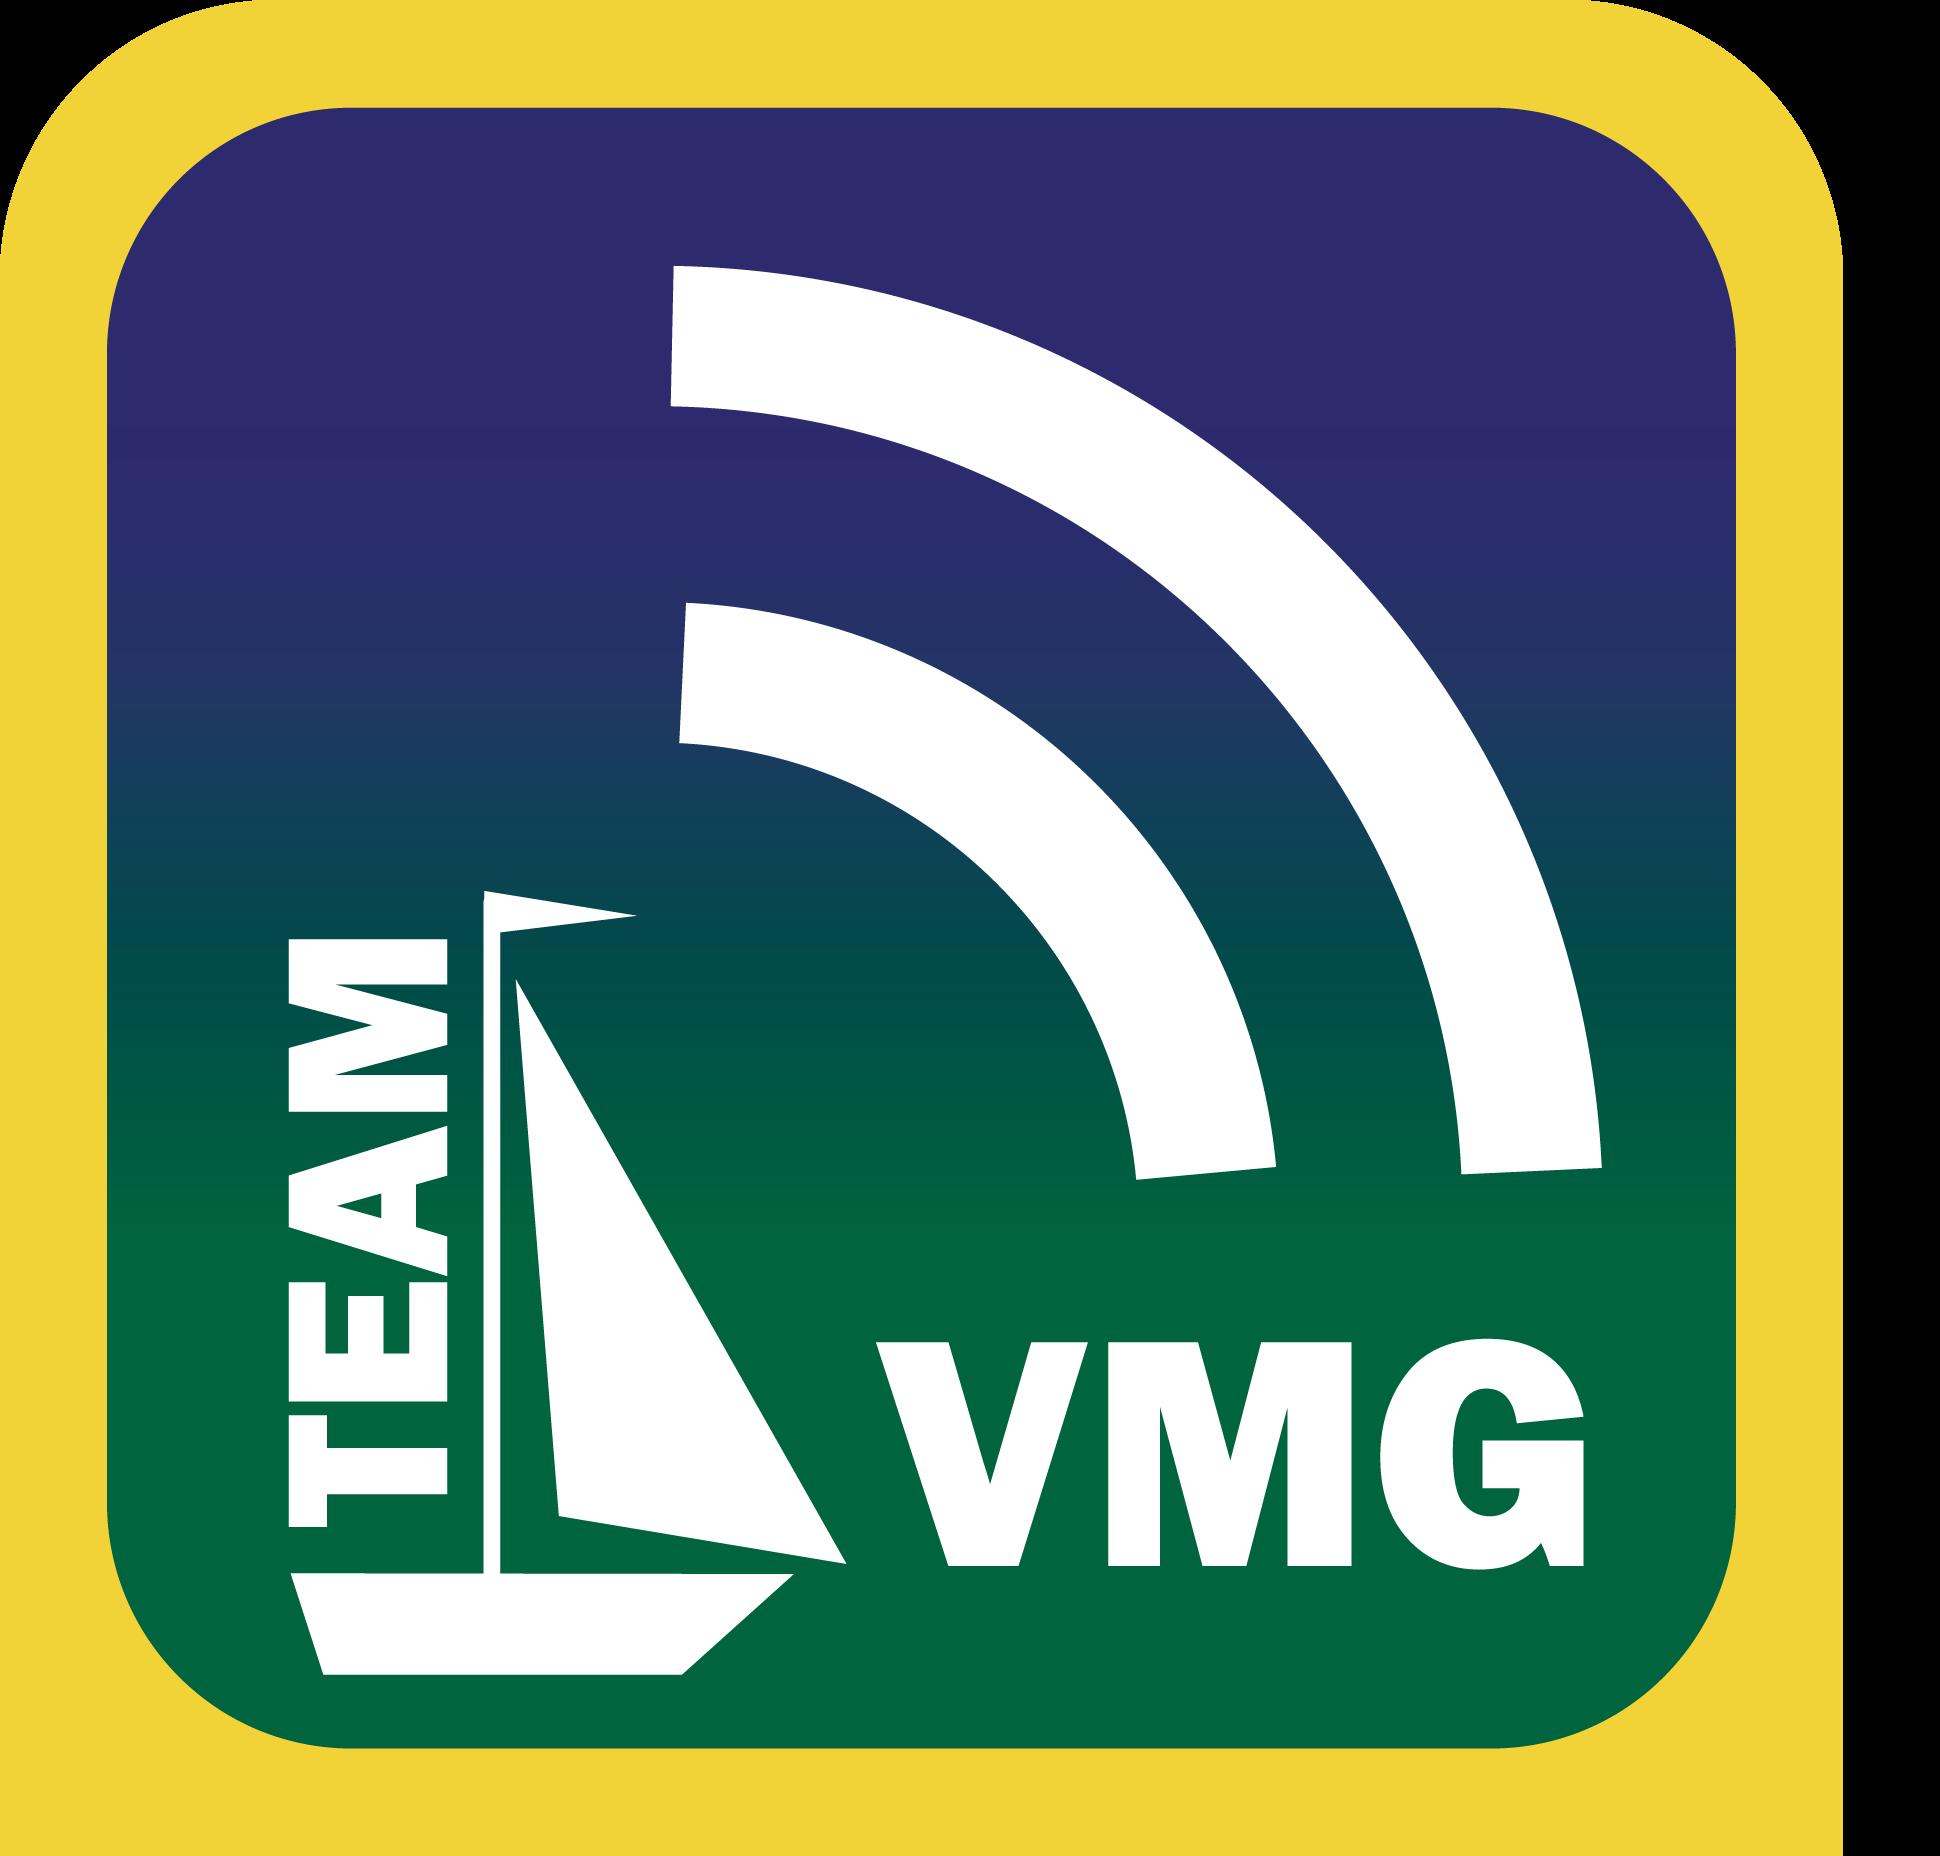 vmg sailing logo